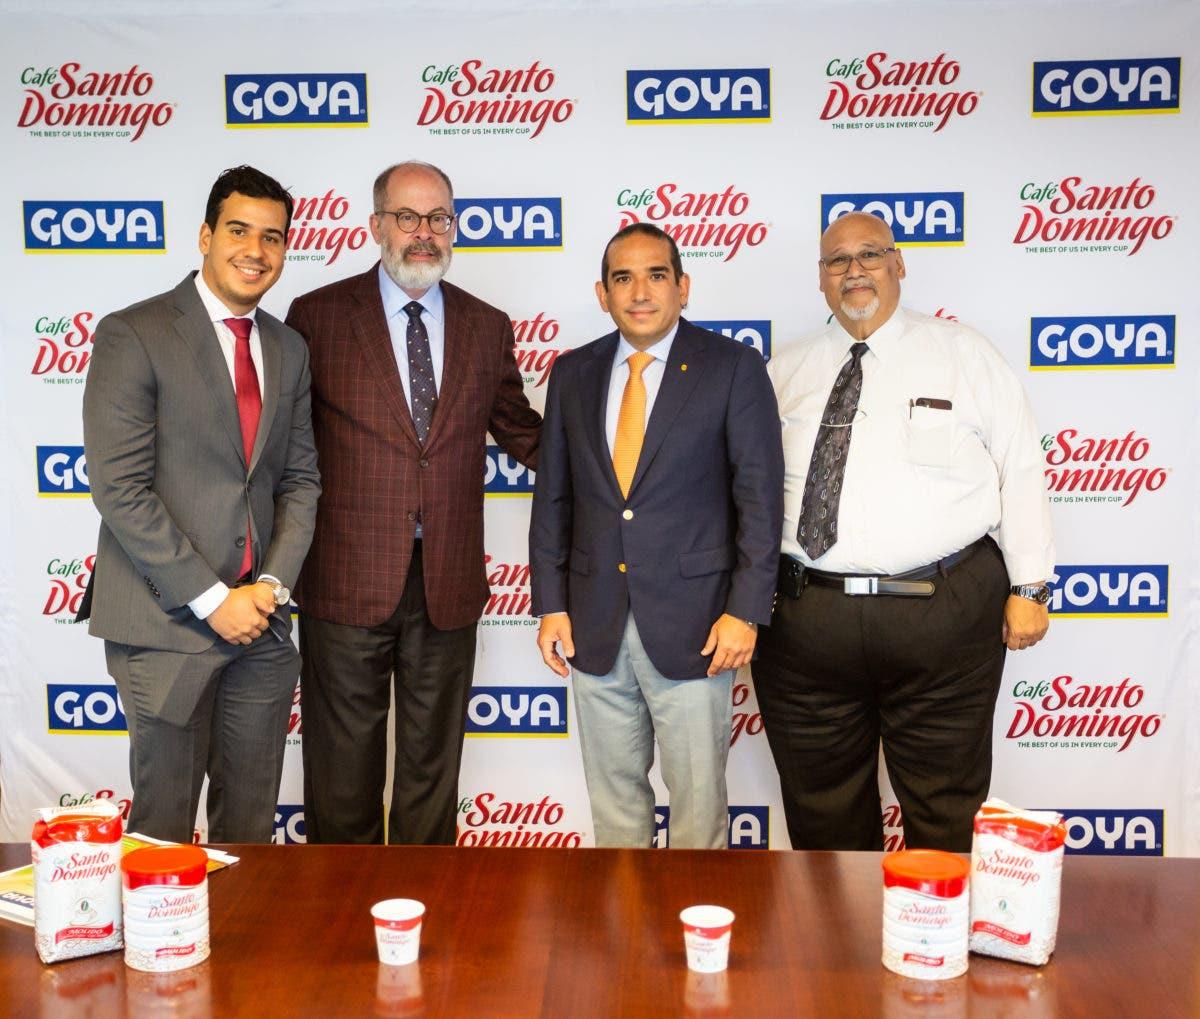 Firman acuerdo para la distribución de Café Santo Domingo en Estados Unidos